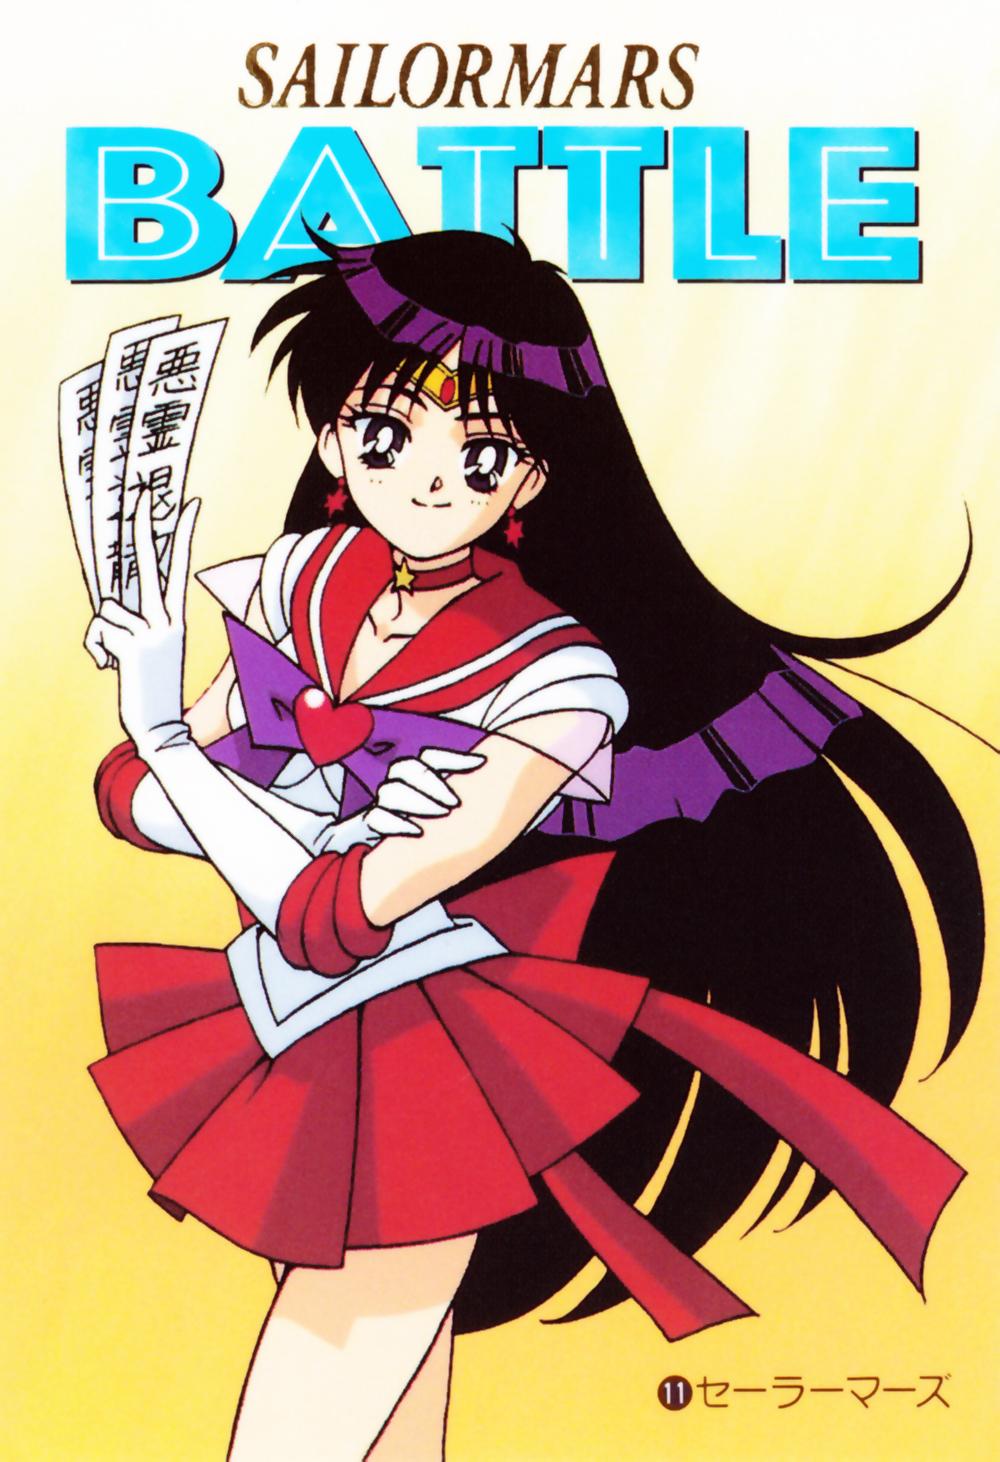 Sailor_moon_ss_battle_11